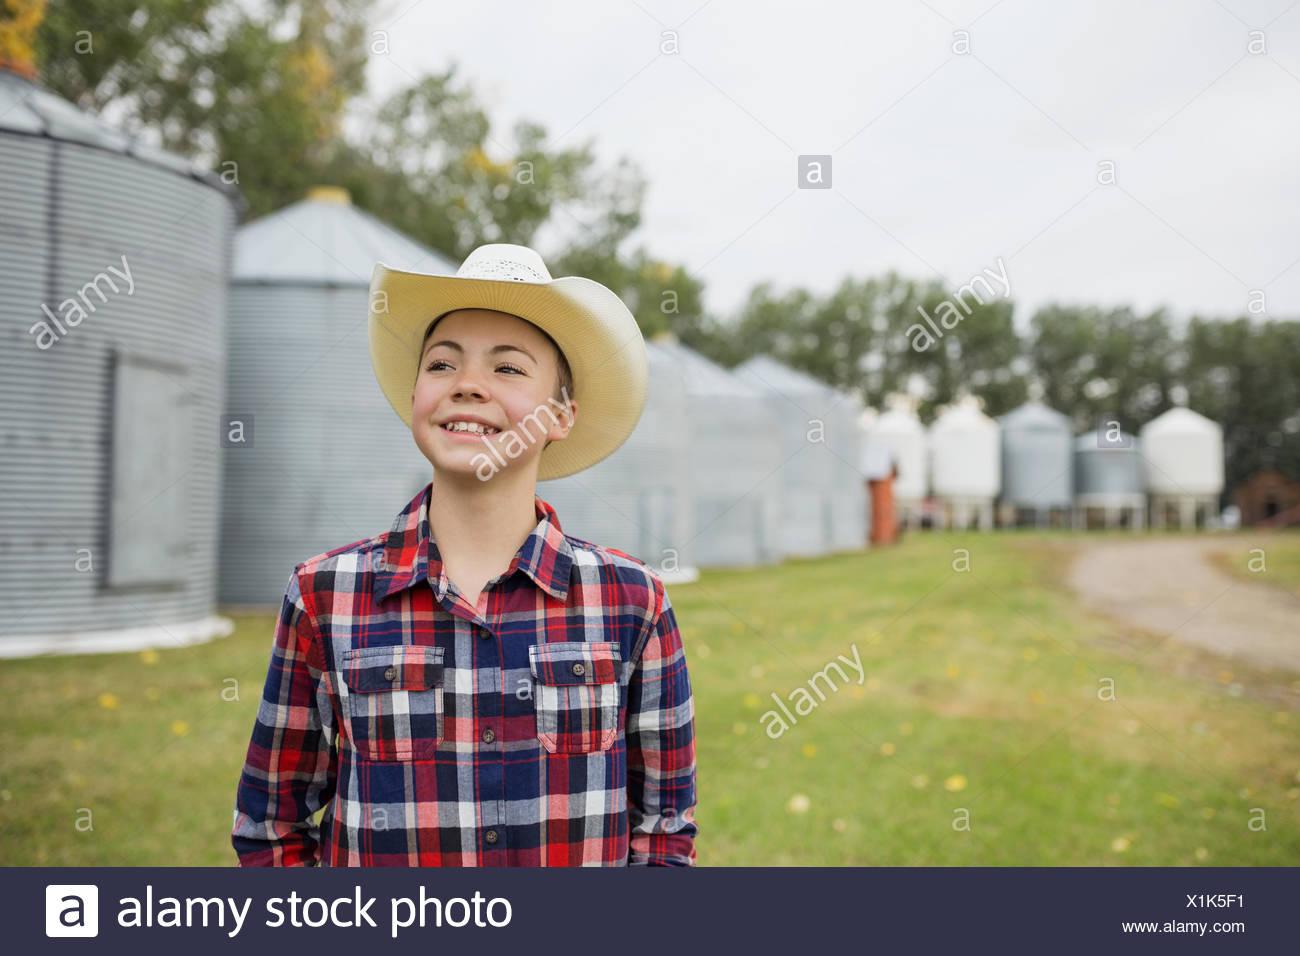 Junge in Cowboy-Hut lächelnd auf Bauernhof Stockbild